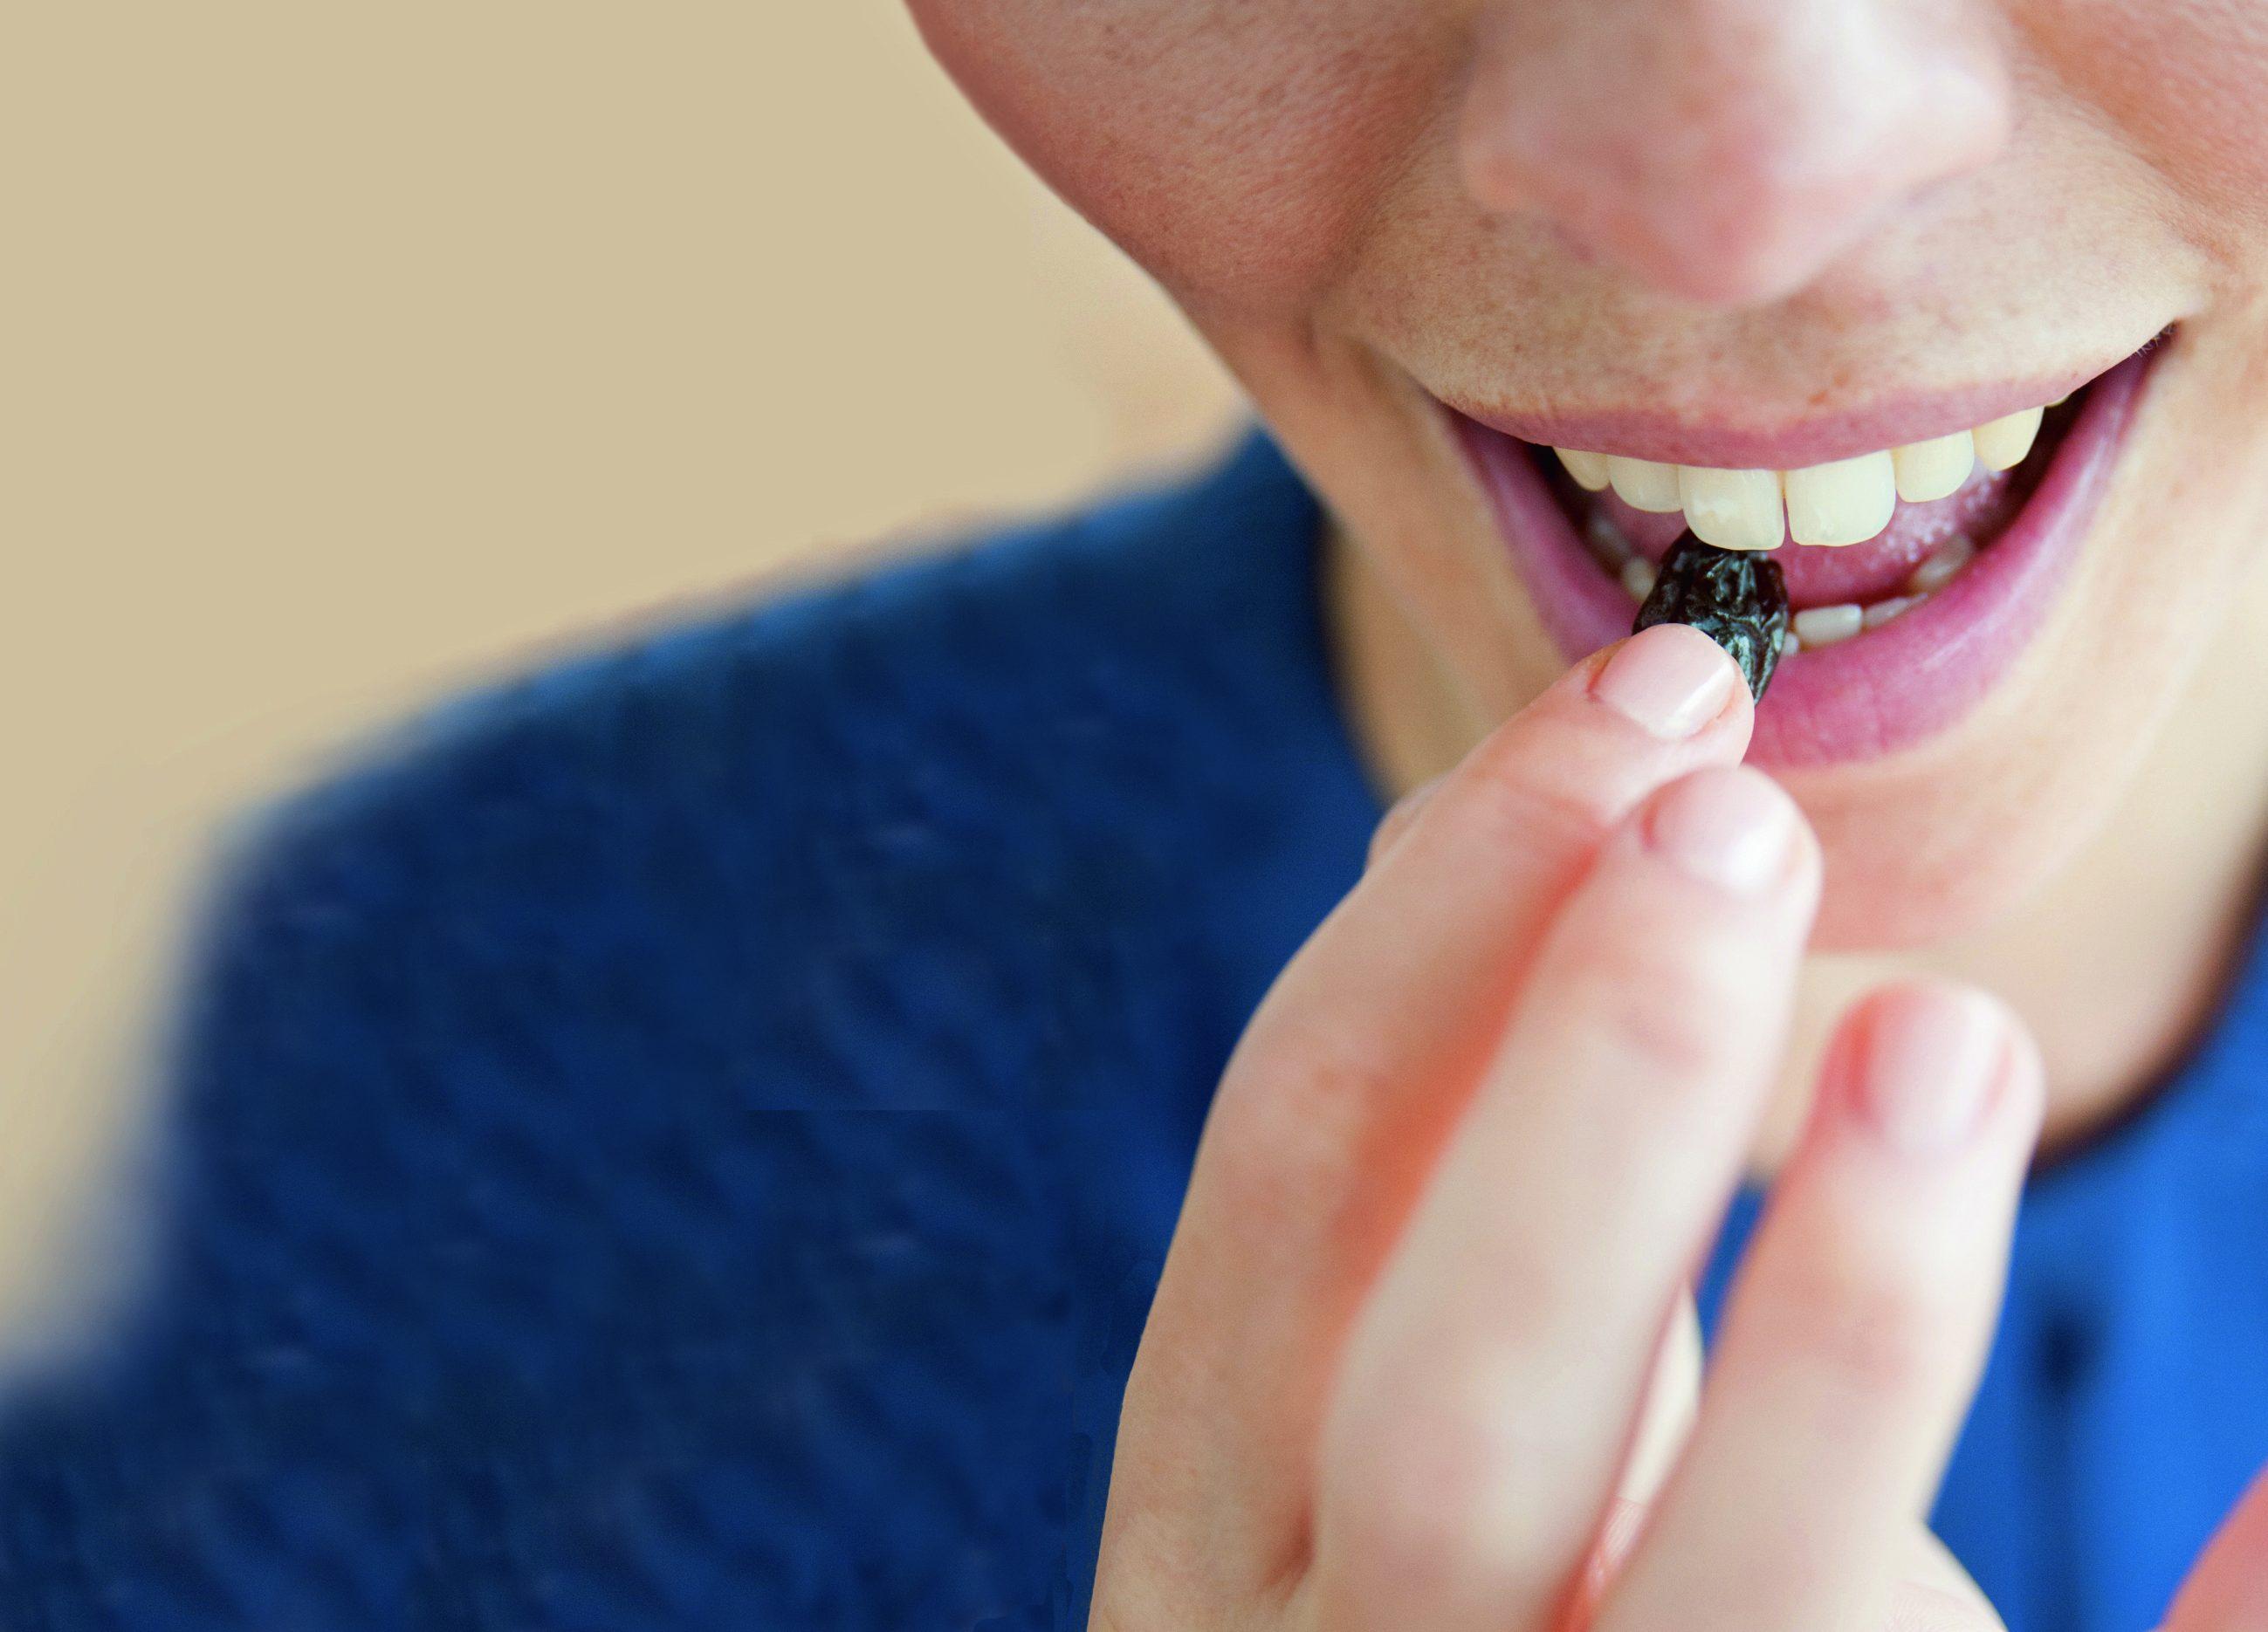 Rosinen schützen die Zähne